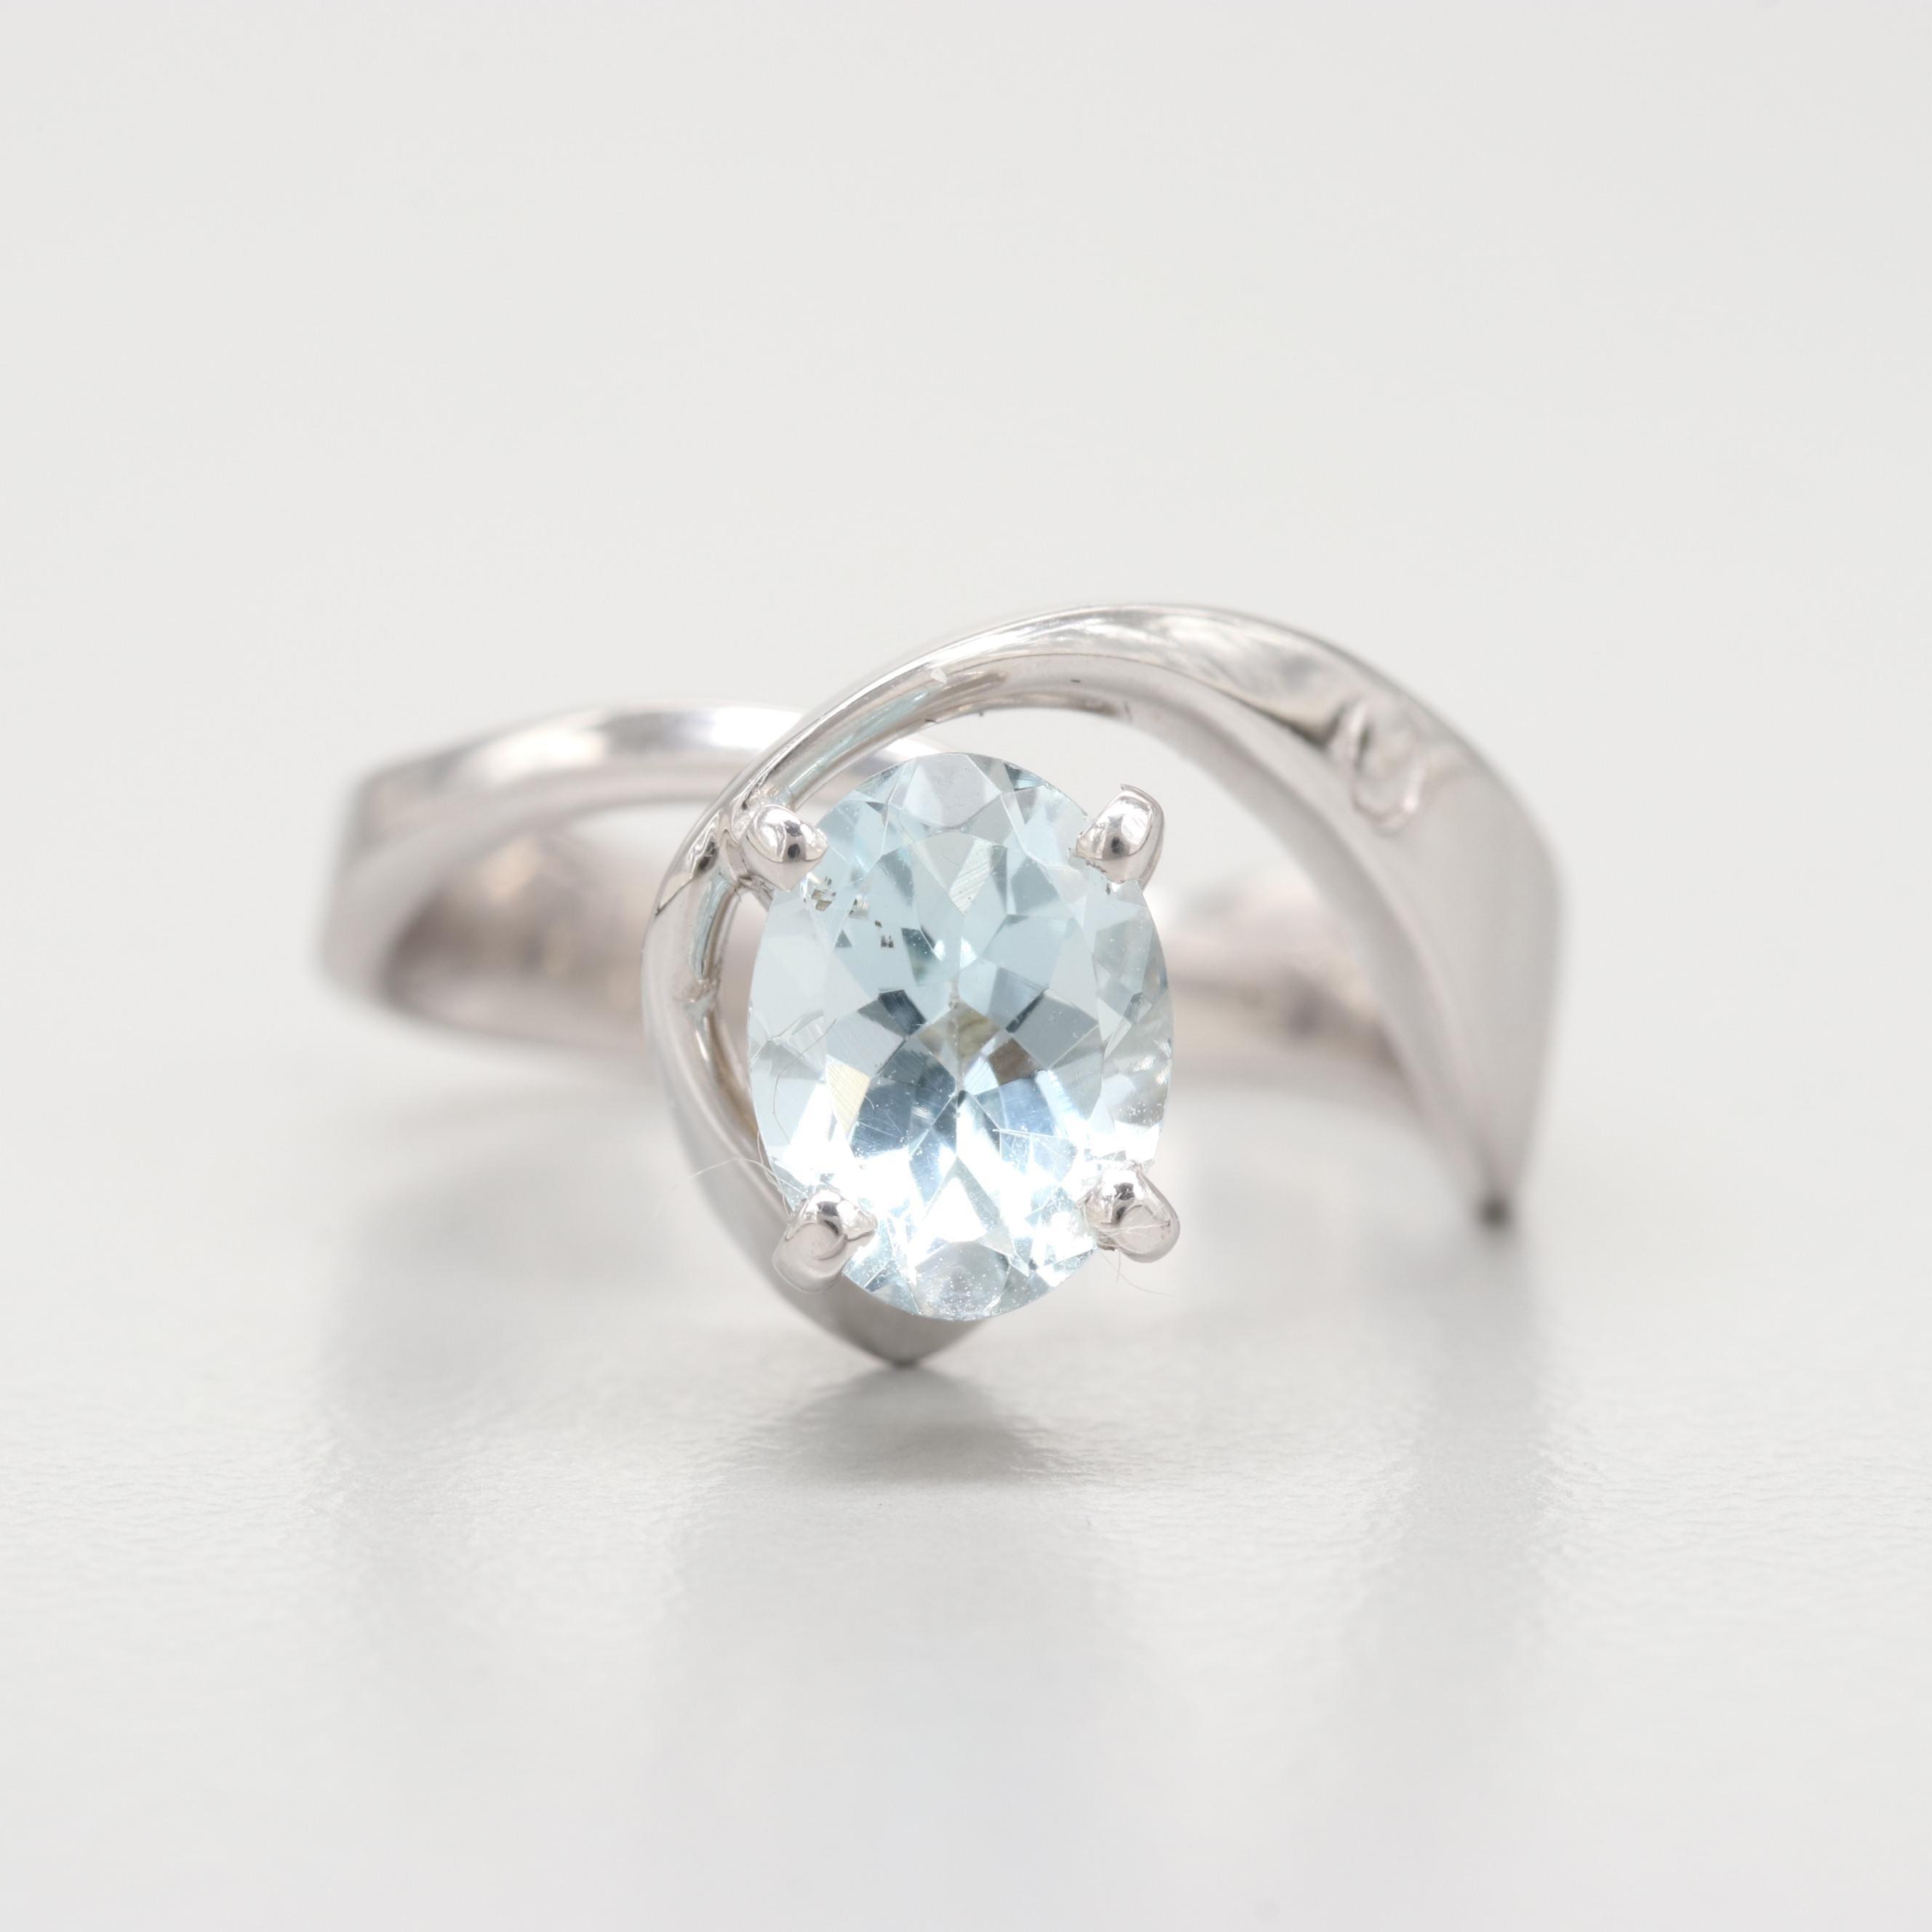 14K White Gold Aquamarine Ring with Euro Style Shank